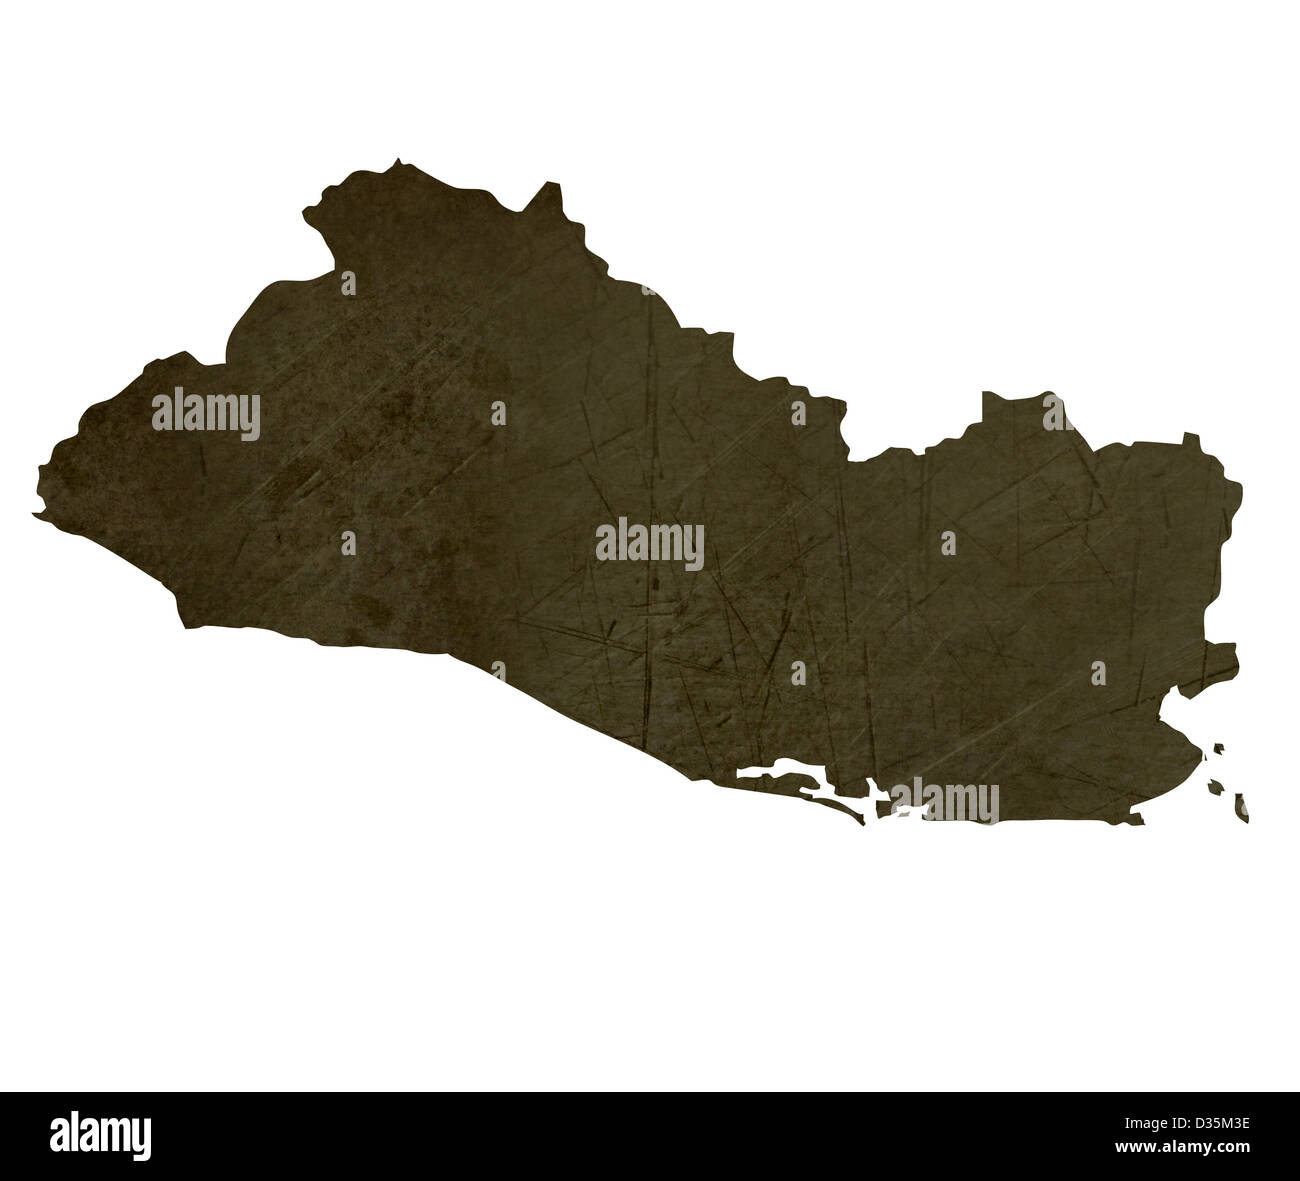 Map Of El Salvador Stockfotos & Map Of El Salvador Bilder - Alamy